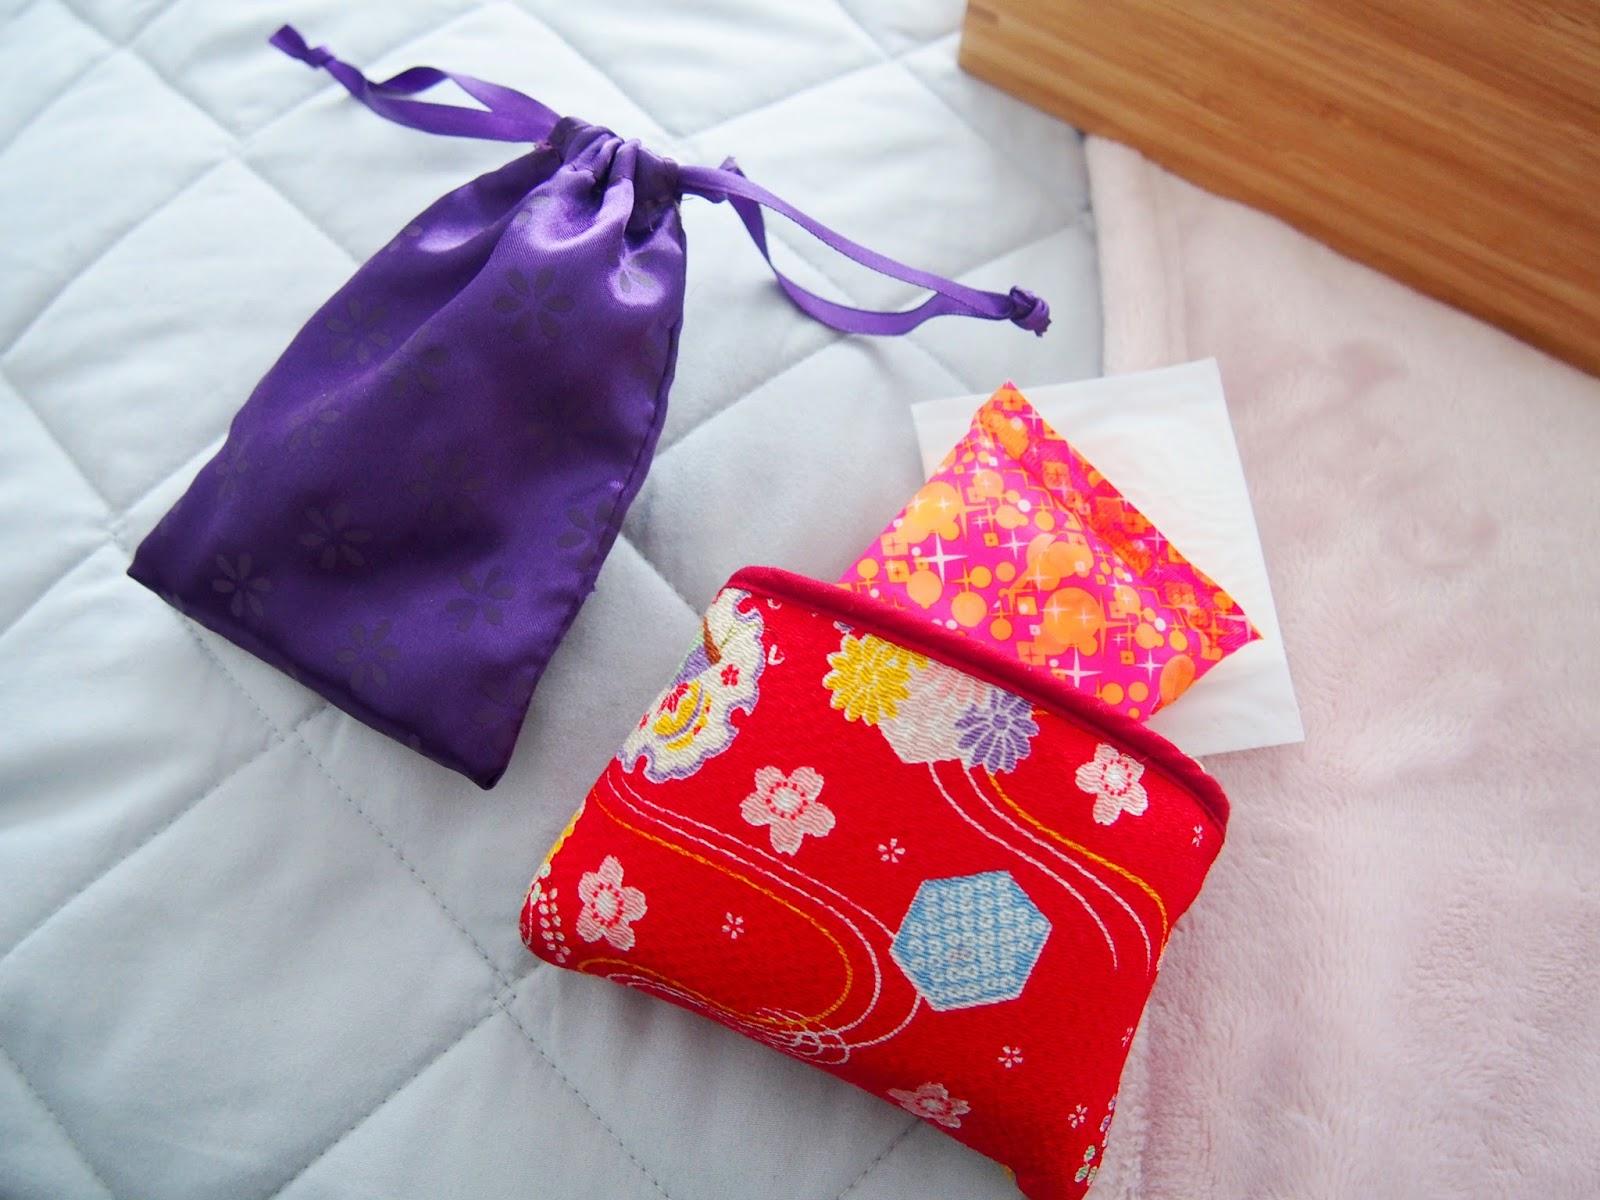 menstrual cup, lunette, kuukuppi, kuukautiskuppi, kuppikuukunta, kuukuppikunta